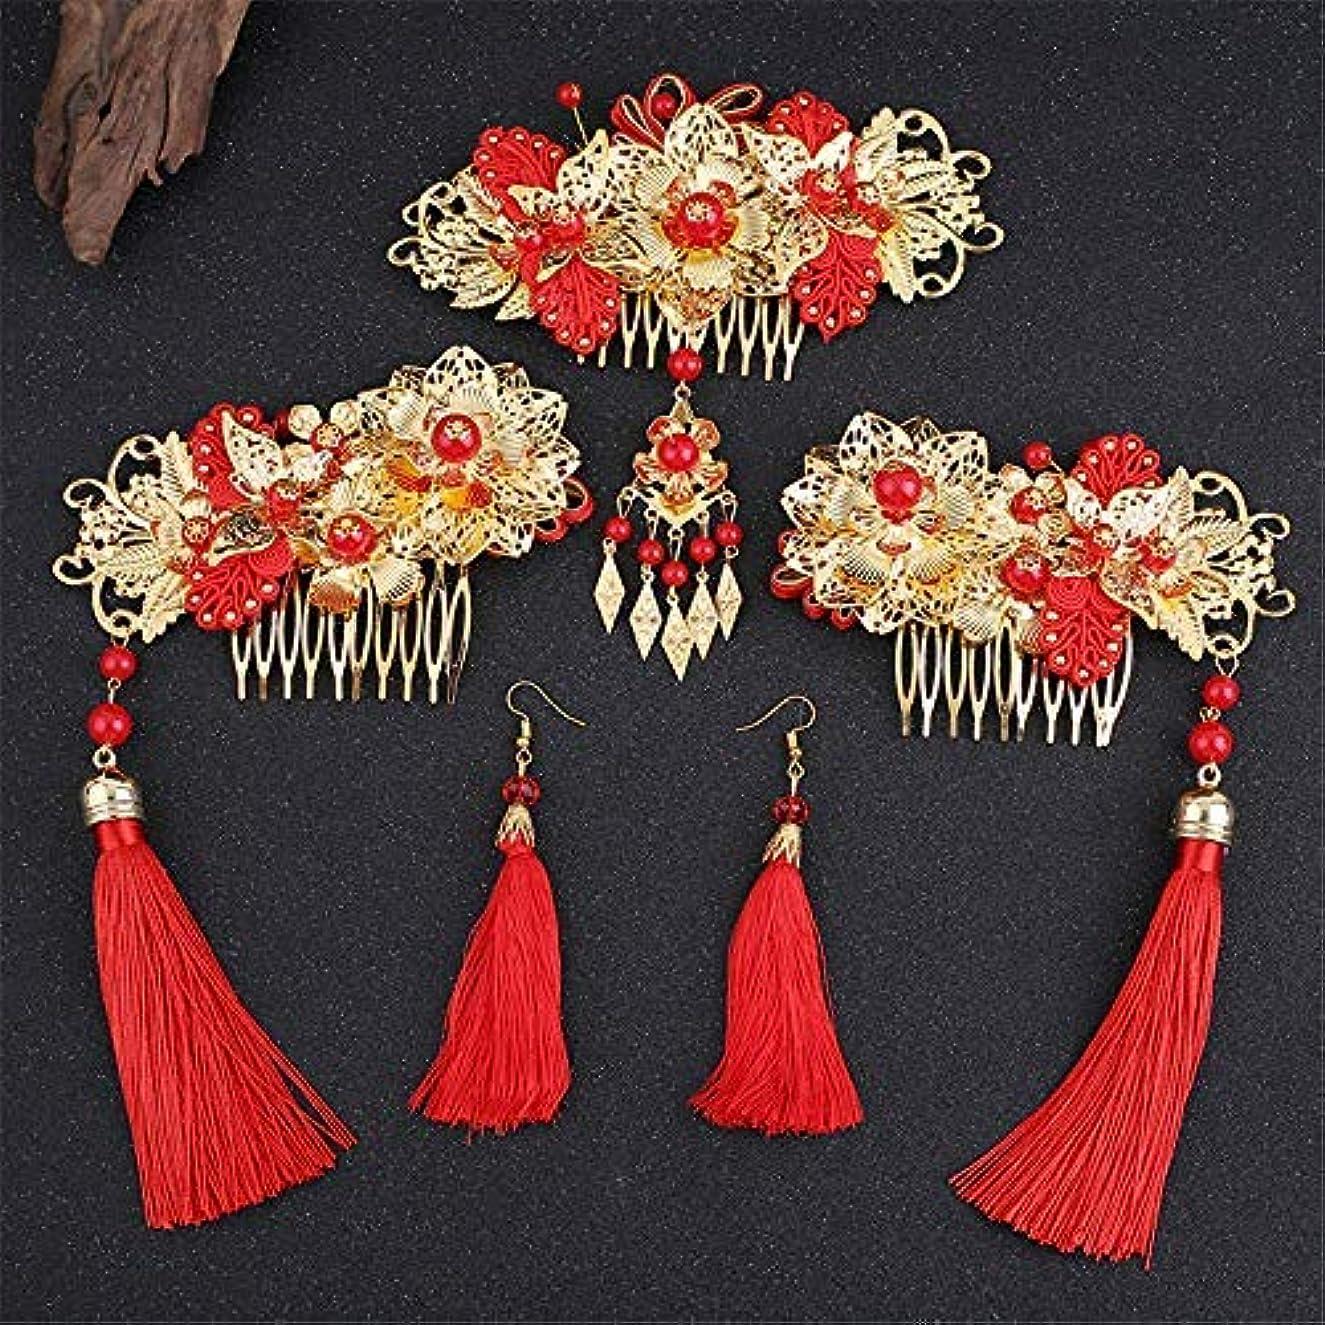 ポルティココミットメント動作Wedding Classical Traditional Chinese Wedding Bride Hair Accessory With Combs wedding accessories [並行輸入品]